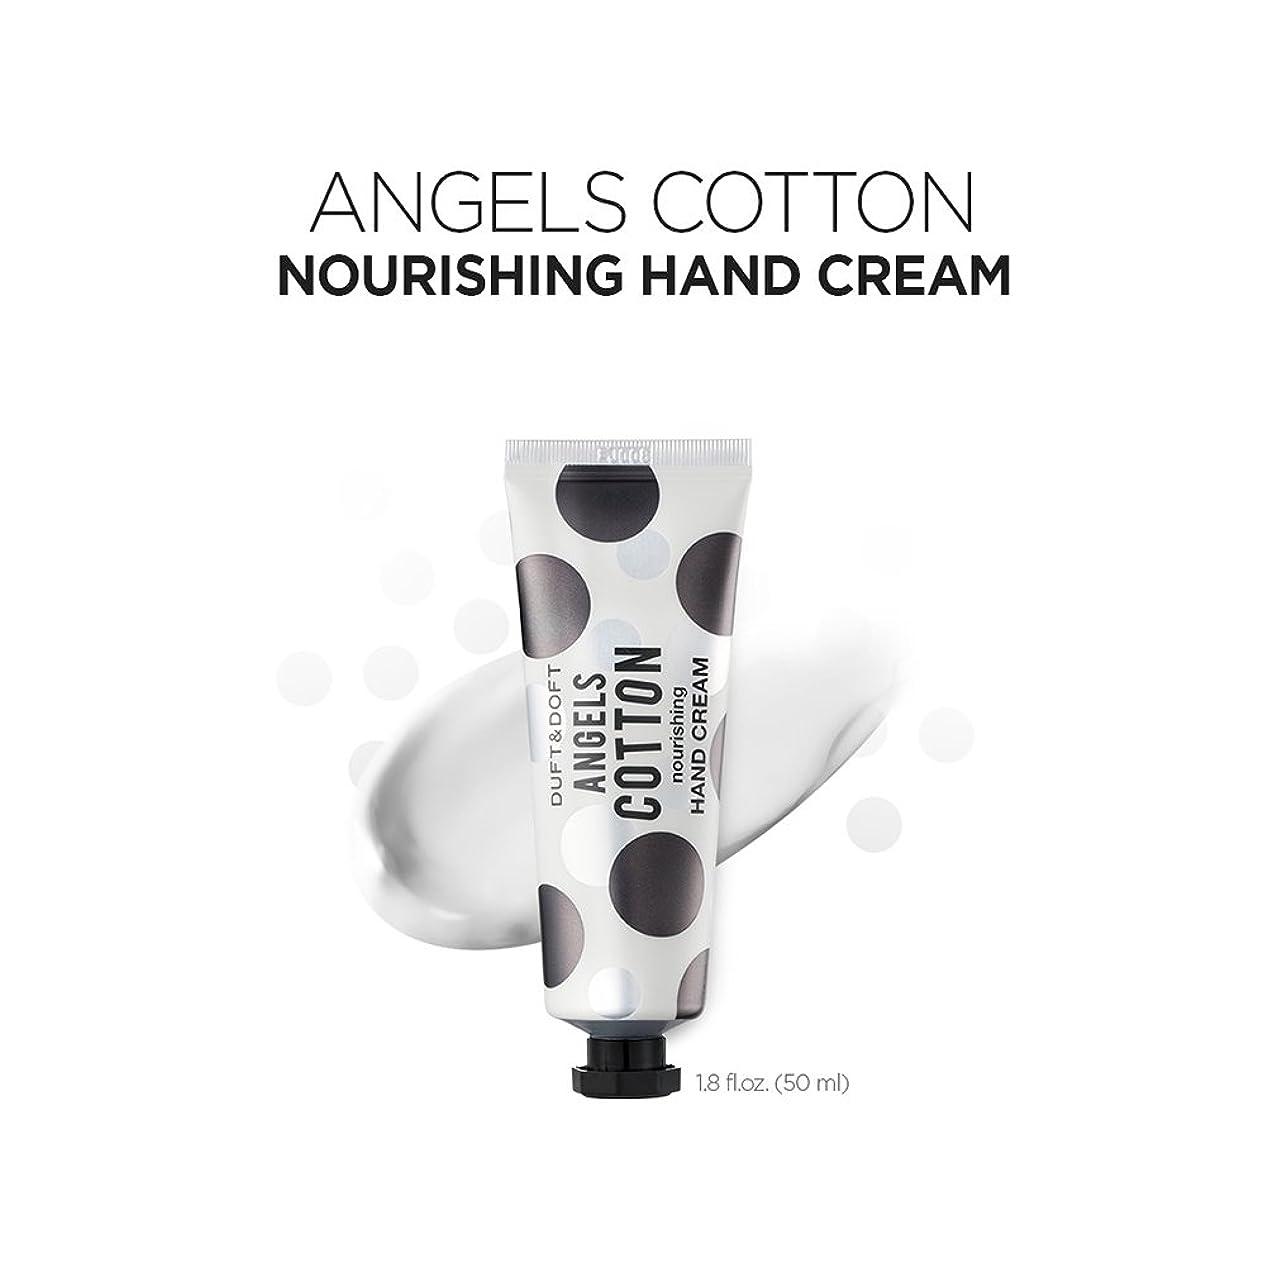 便益回路再現するゥフト&ドフト [DUFT&DOFT] エンジェルコットン ナリシング ハンドクリーム Angel Cotton Nourishing Hand Cream (50ml + 50ml) / 韓国製 韓国直送品